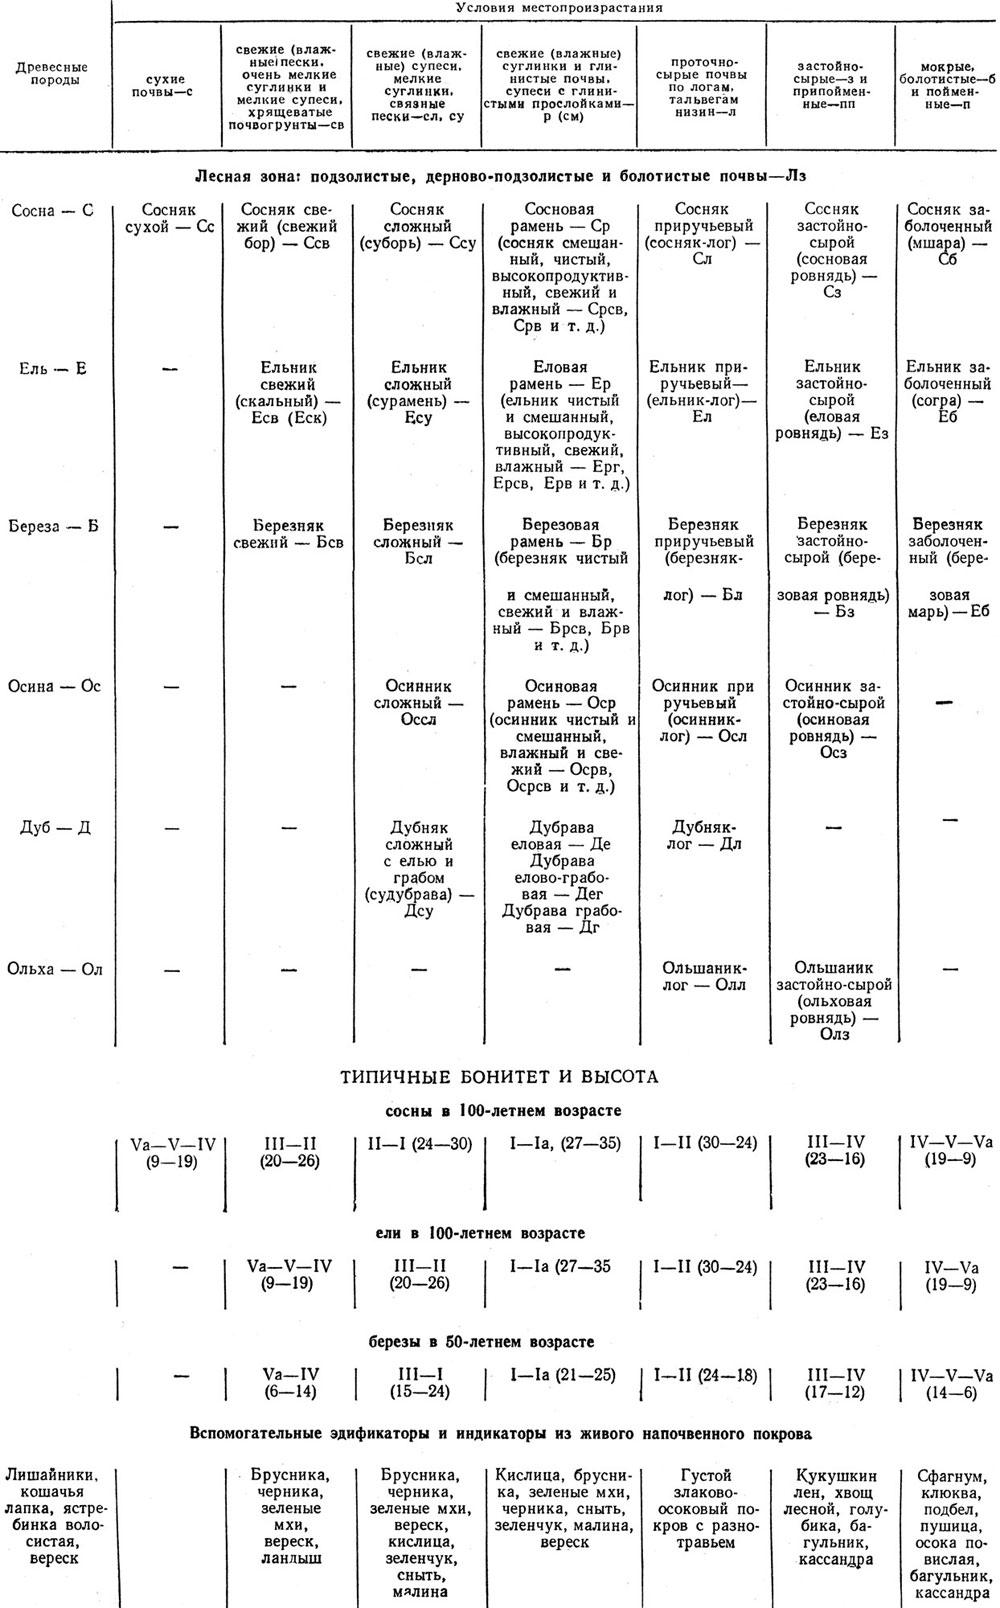 Таблица 11. Классификация типов лесов В. Г. Нестерова [58]